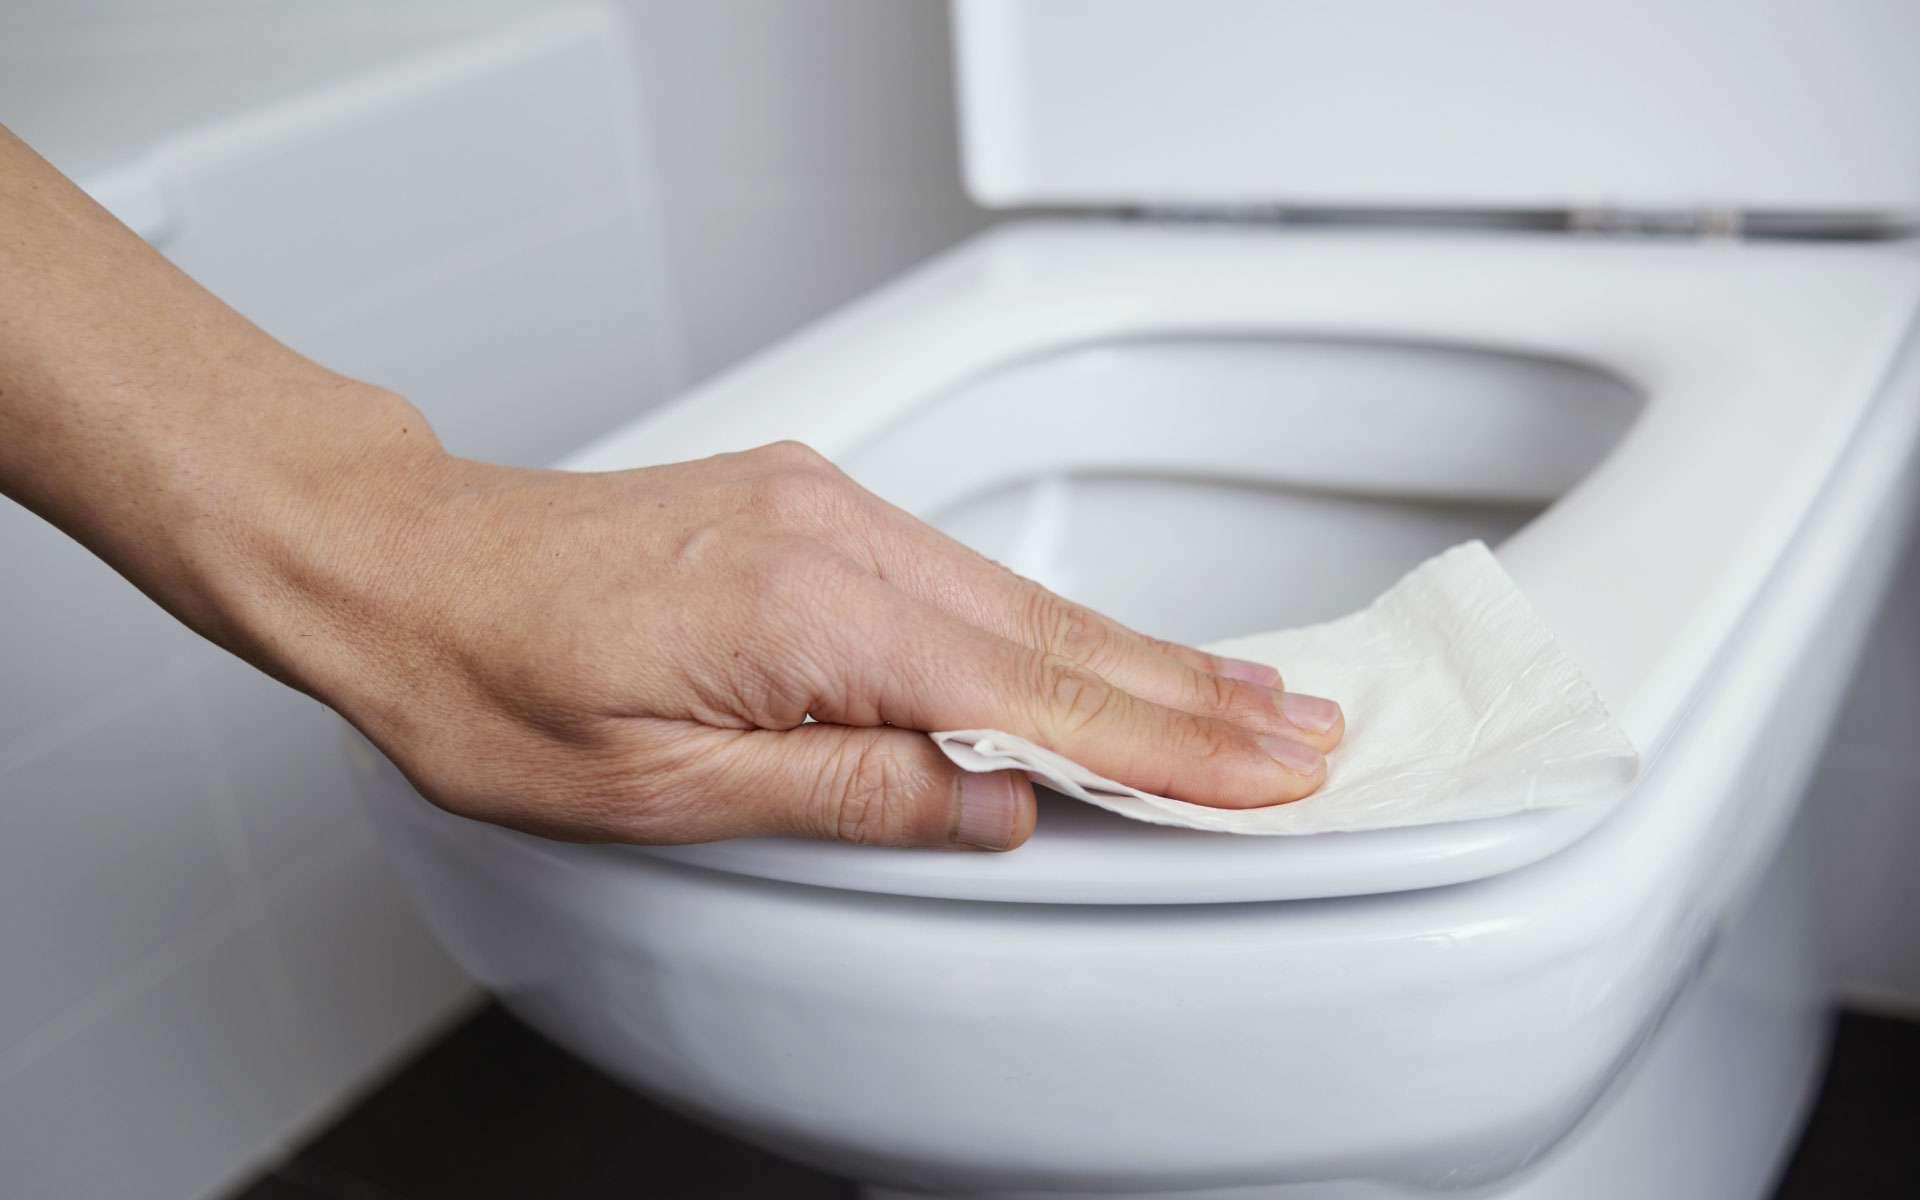 Nettoyer la cuvette des toilettes, notamment celles publiques, permet de limiter une potentielle contamination par le SARS-CoV-2. © nito, Adobe Stock